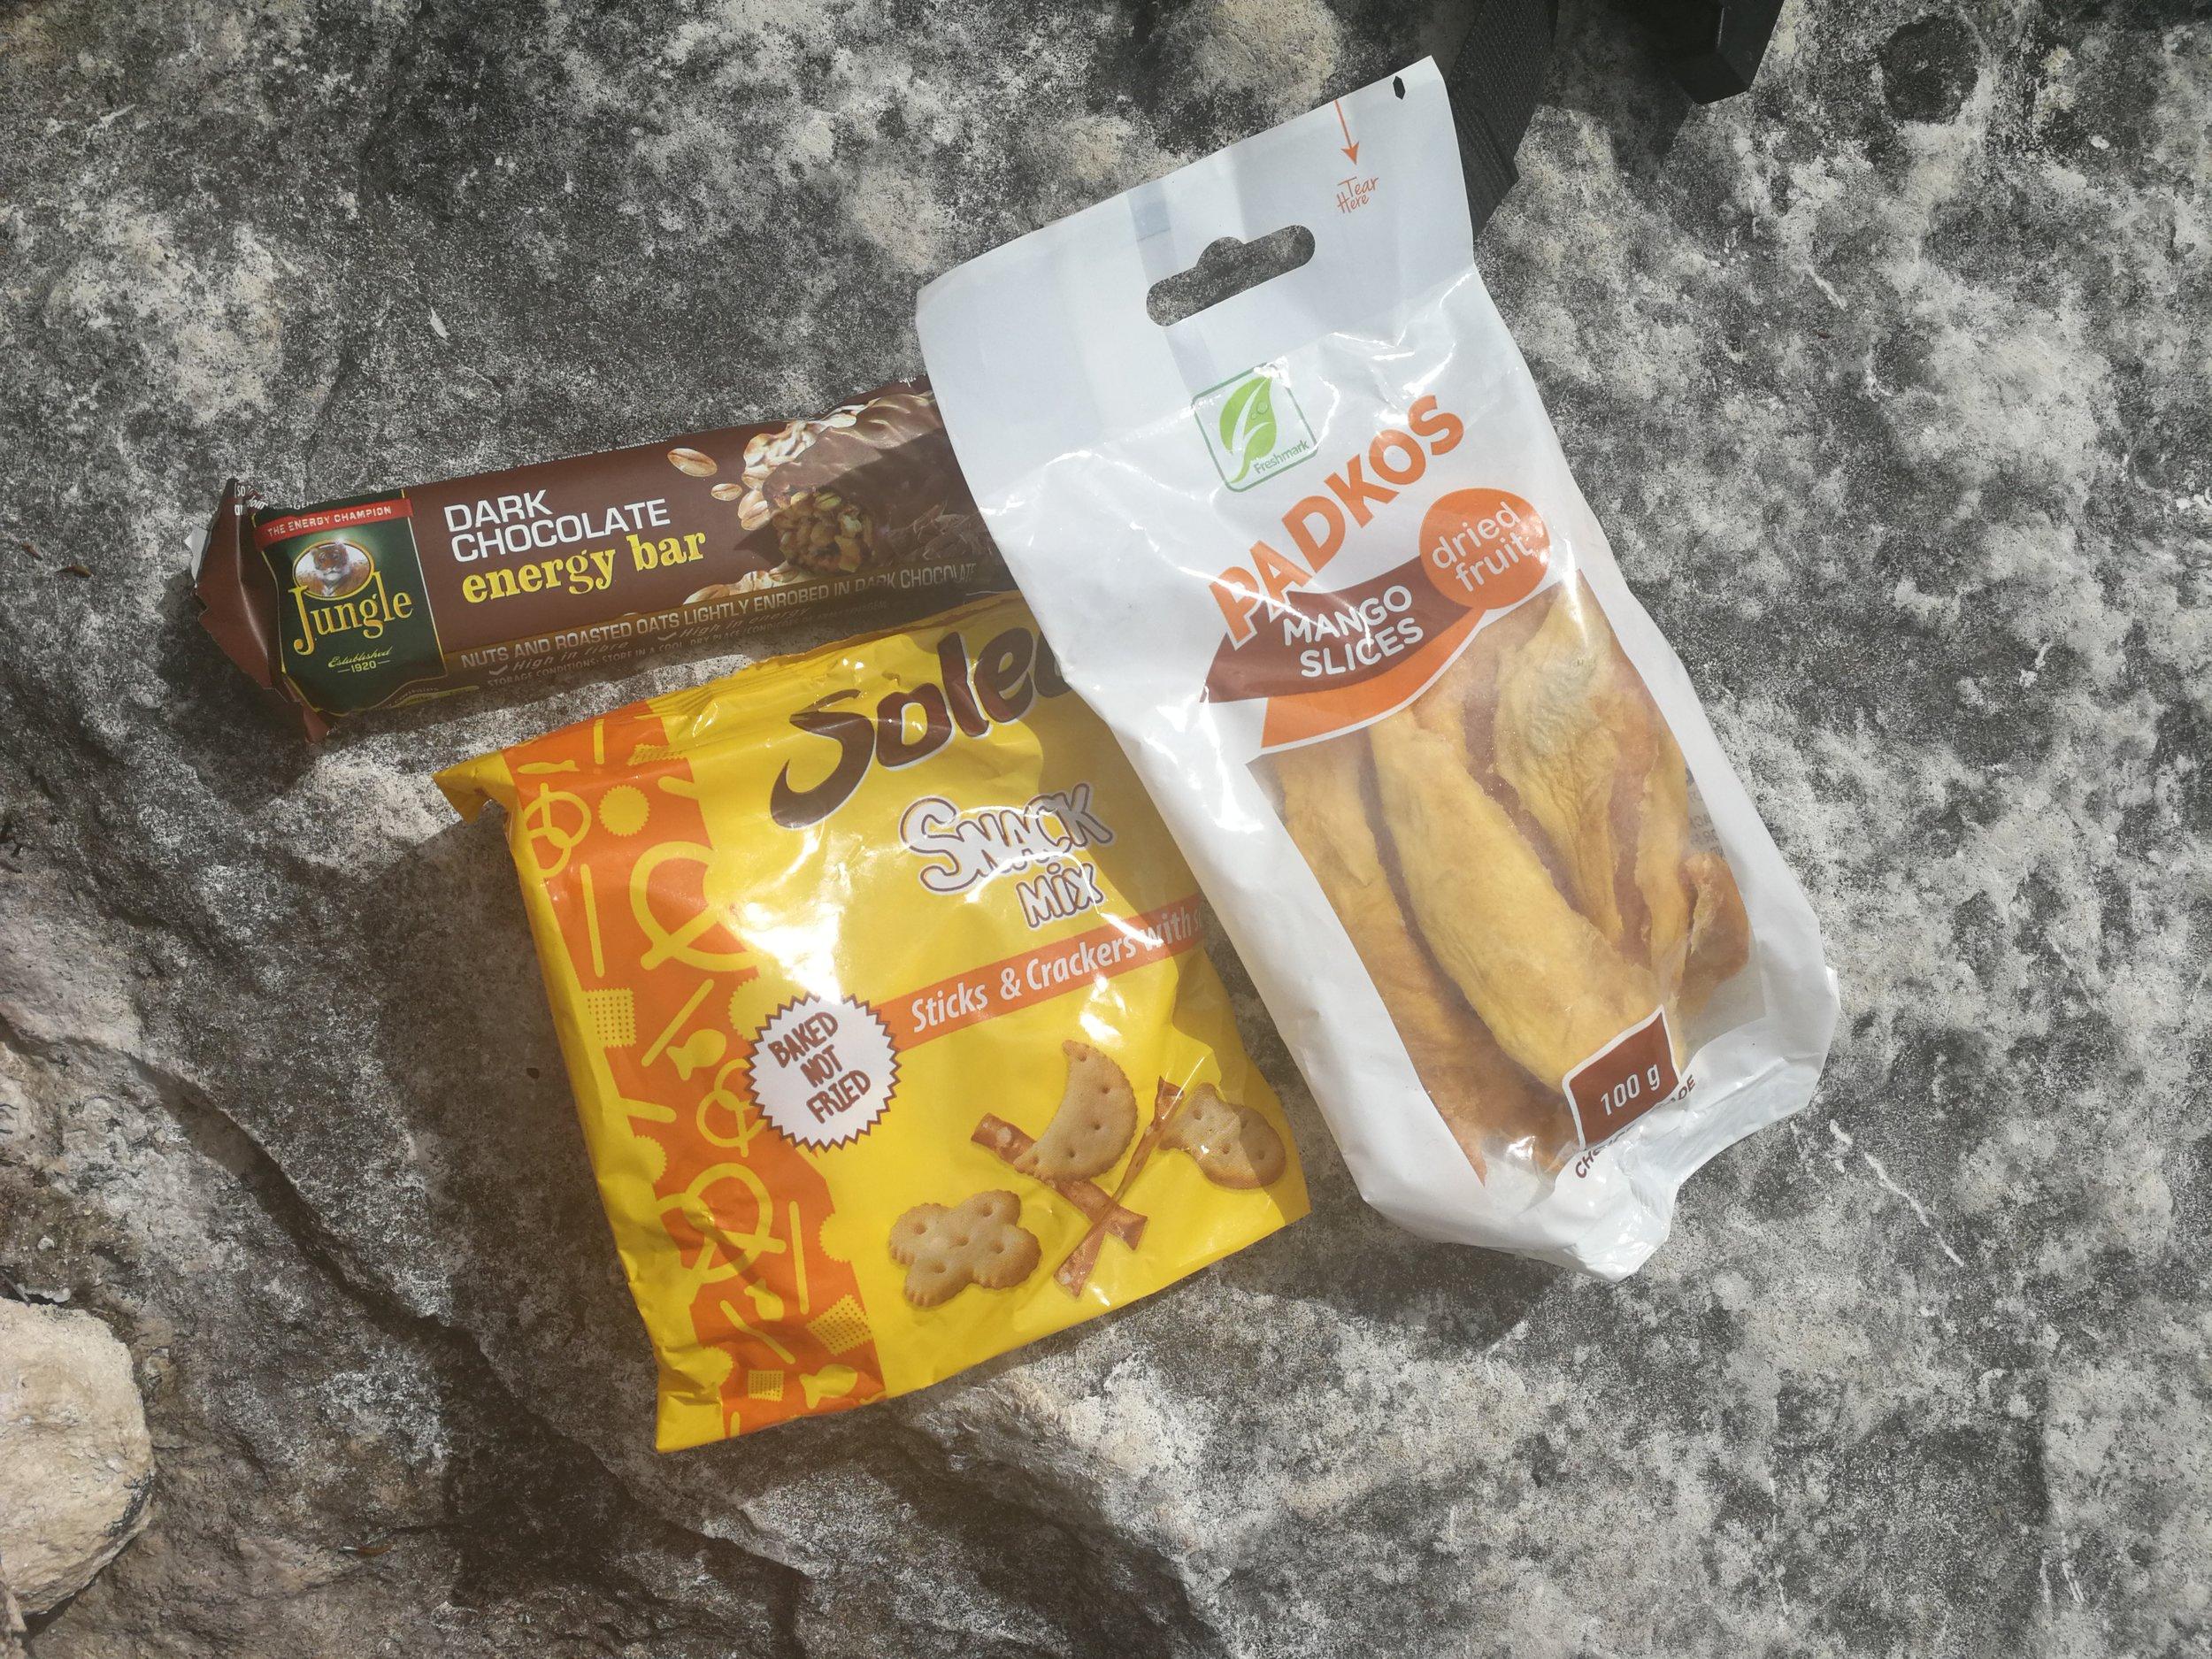 Day 3 snacks